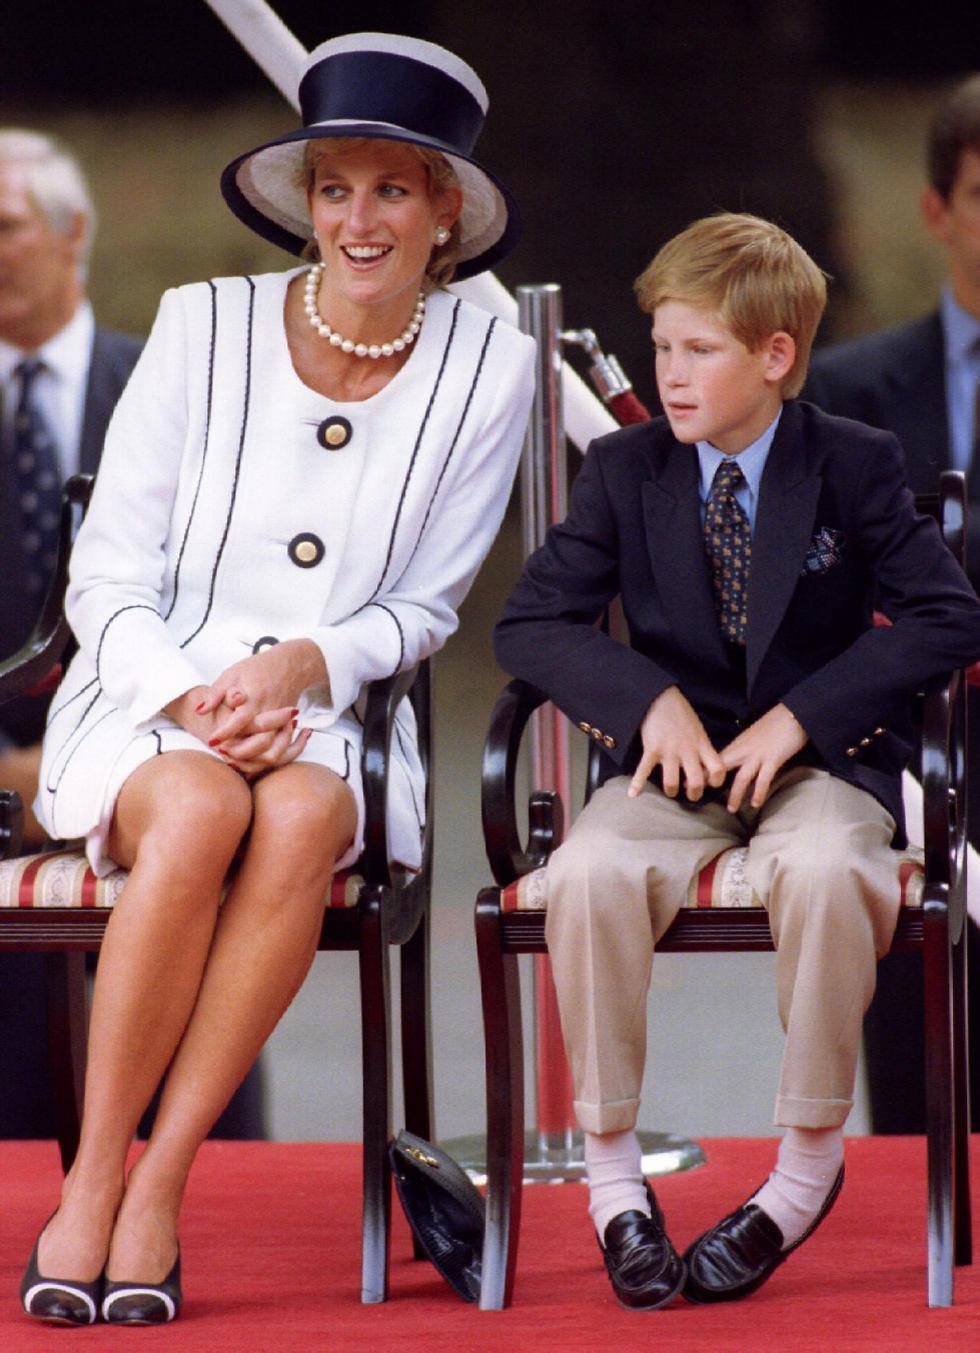 הנסיך הצעיר פופולרי בממלכה הבריטית ובעולם בדיוק כמו אמו המנוחה דיאנה, ואף פעיל בארגוני צדקה כמוה (צילום: רויטרס) (צילום: רויטרס)